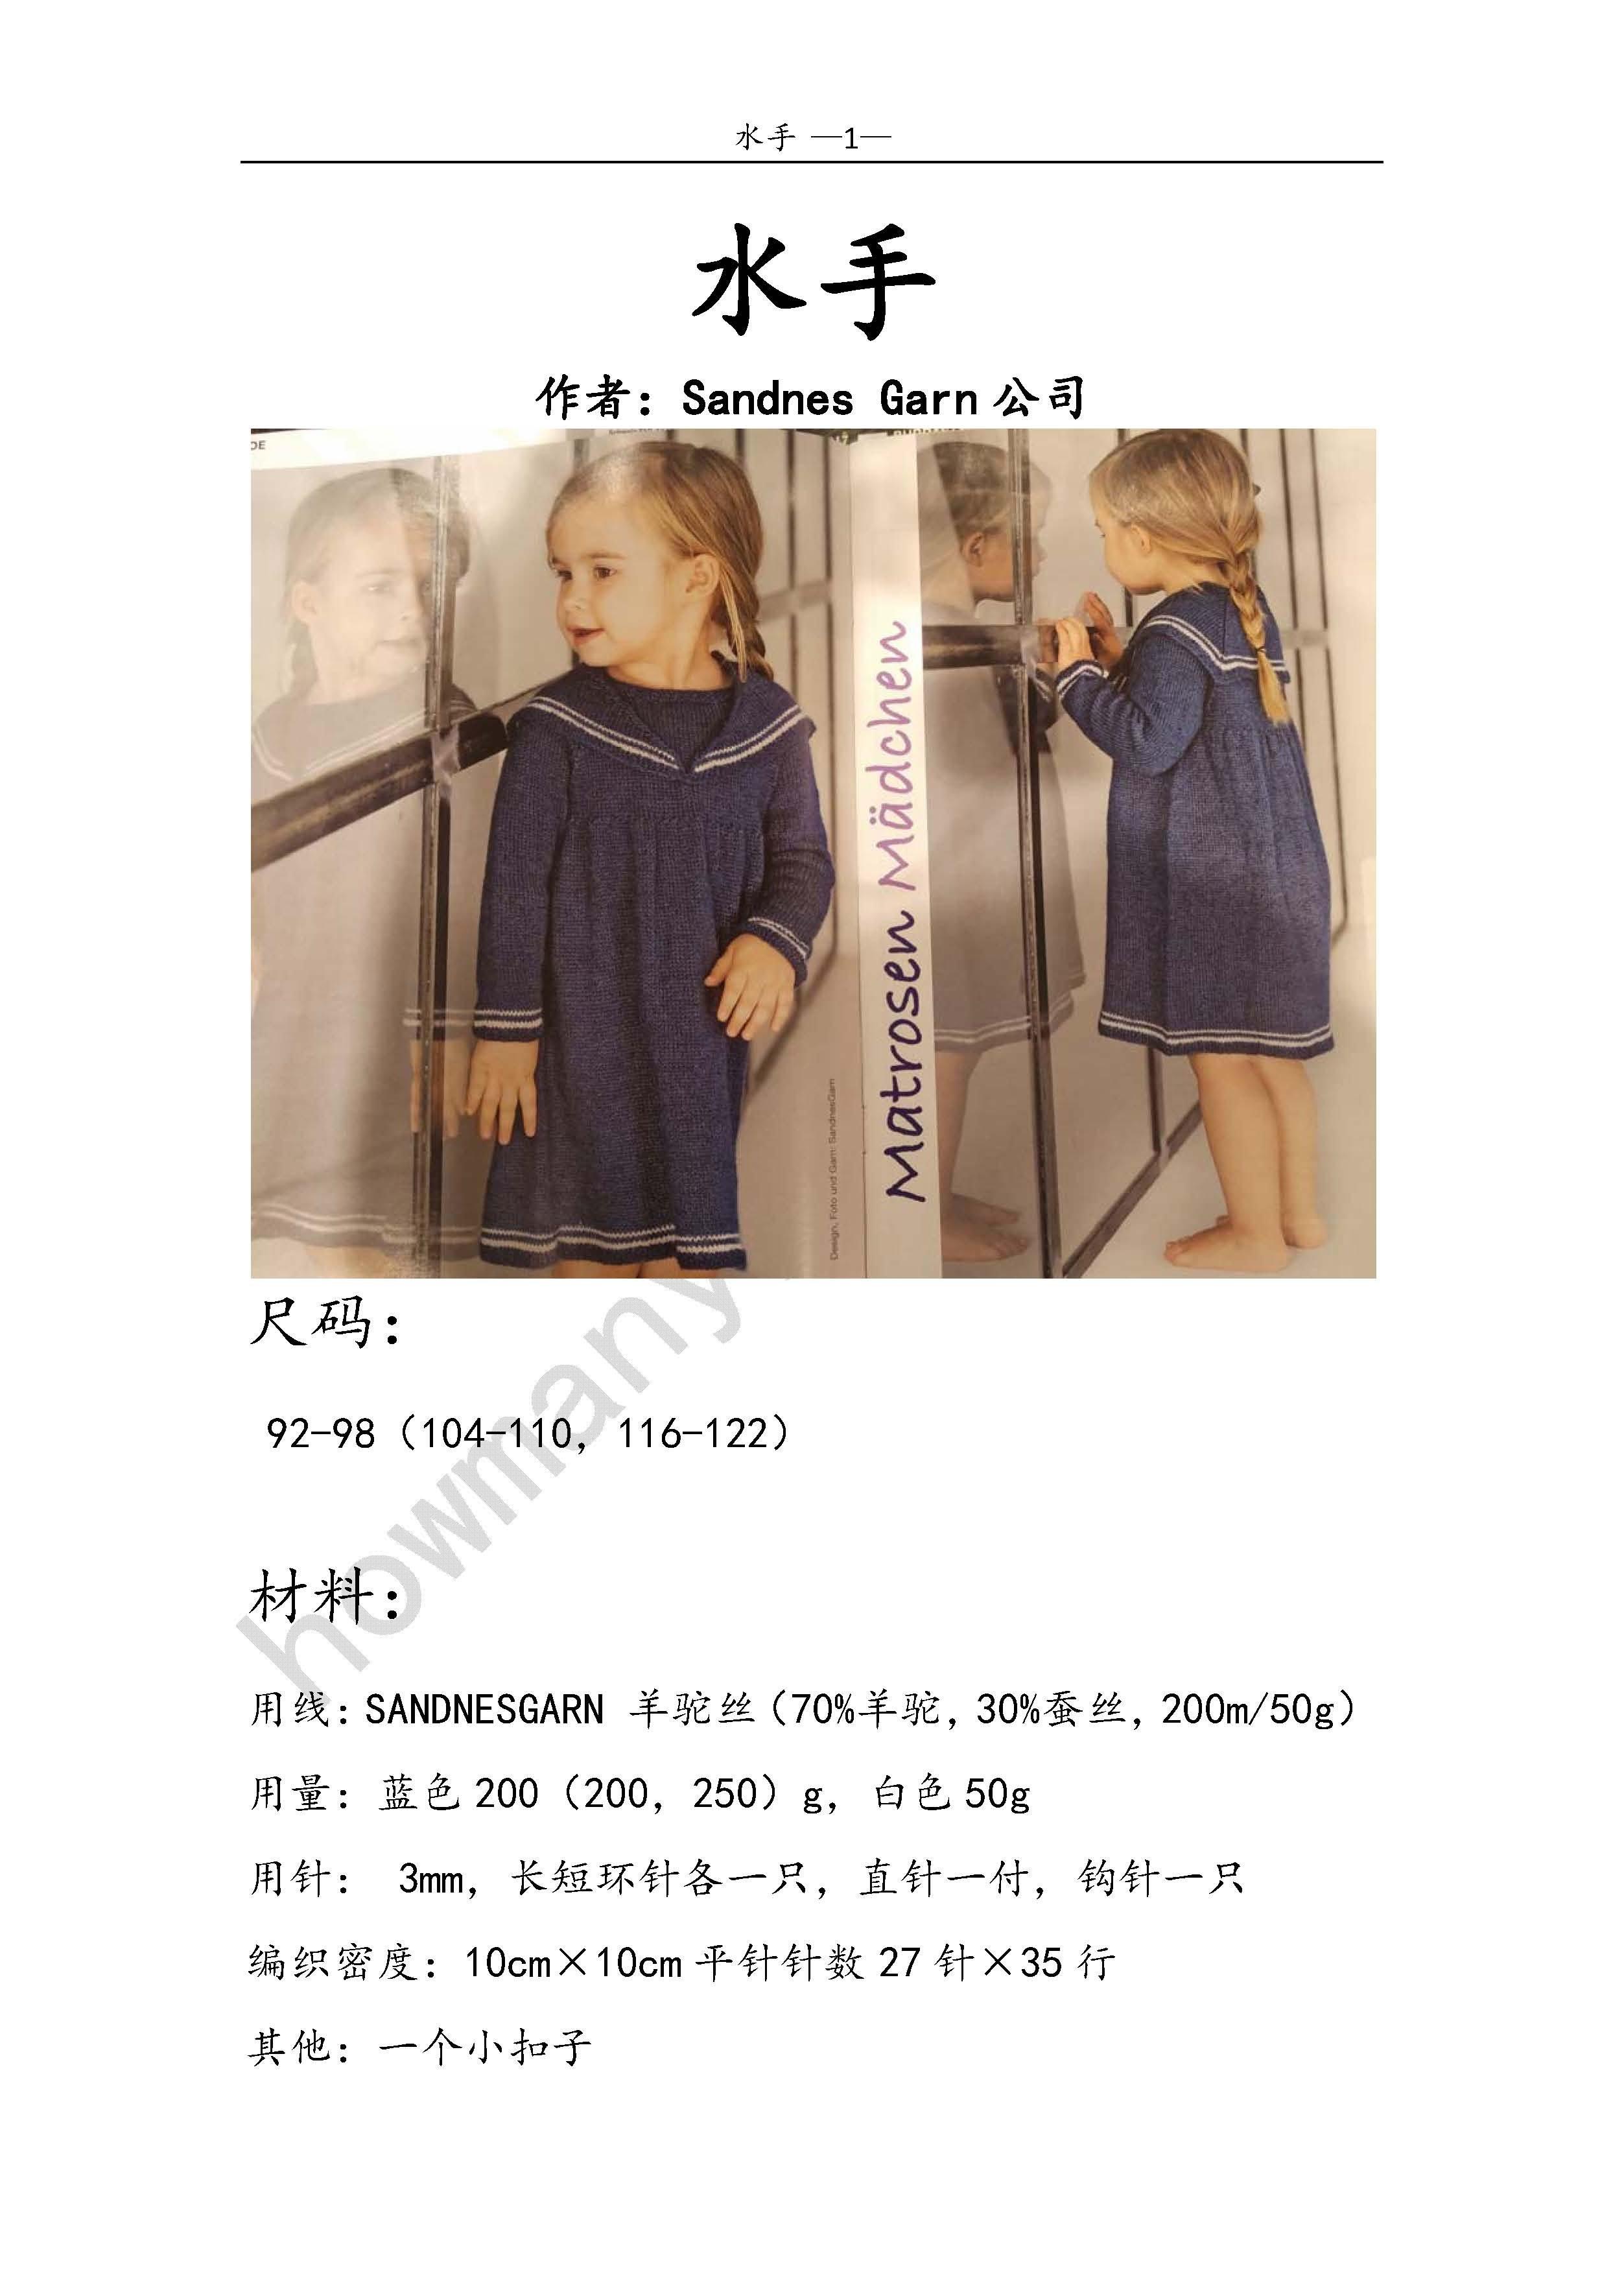 【引用译文】翻译——水手(童装) - 壹一 - 壹一编织博客